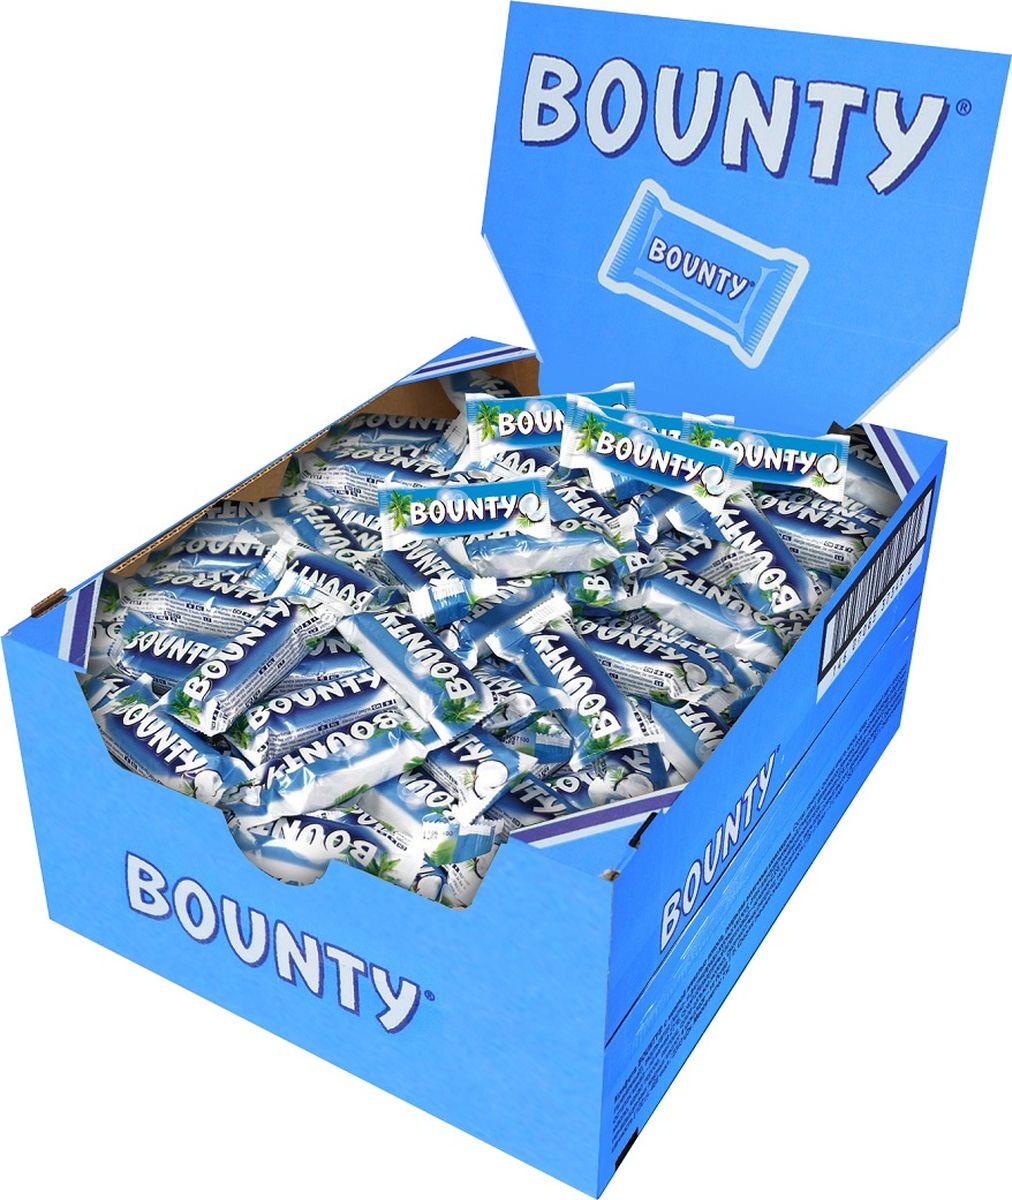 Bounty Minis шоколадный батончик, 3 кг0079007036Bounty - это нежнейшая мякоть кокоса, покрытая молочным шоколадом, изготовленным из отборных ингредиентов. Съешь Bounty и представь, что находишься на тропическом острове, забудь заботы и тревоги, получи райское наслаждение.